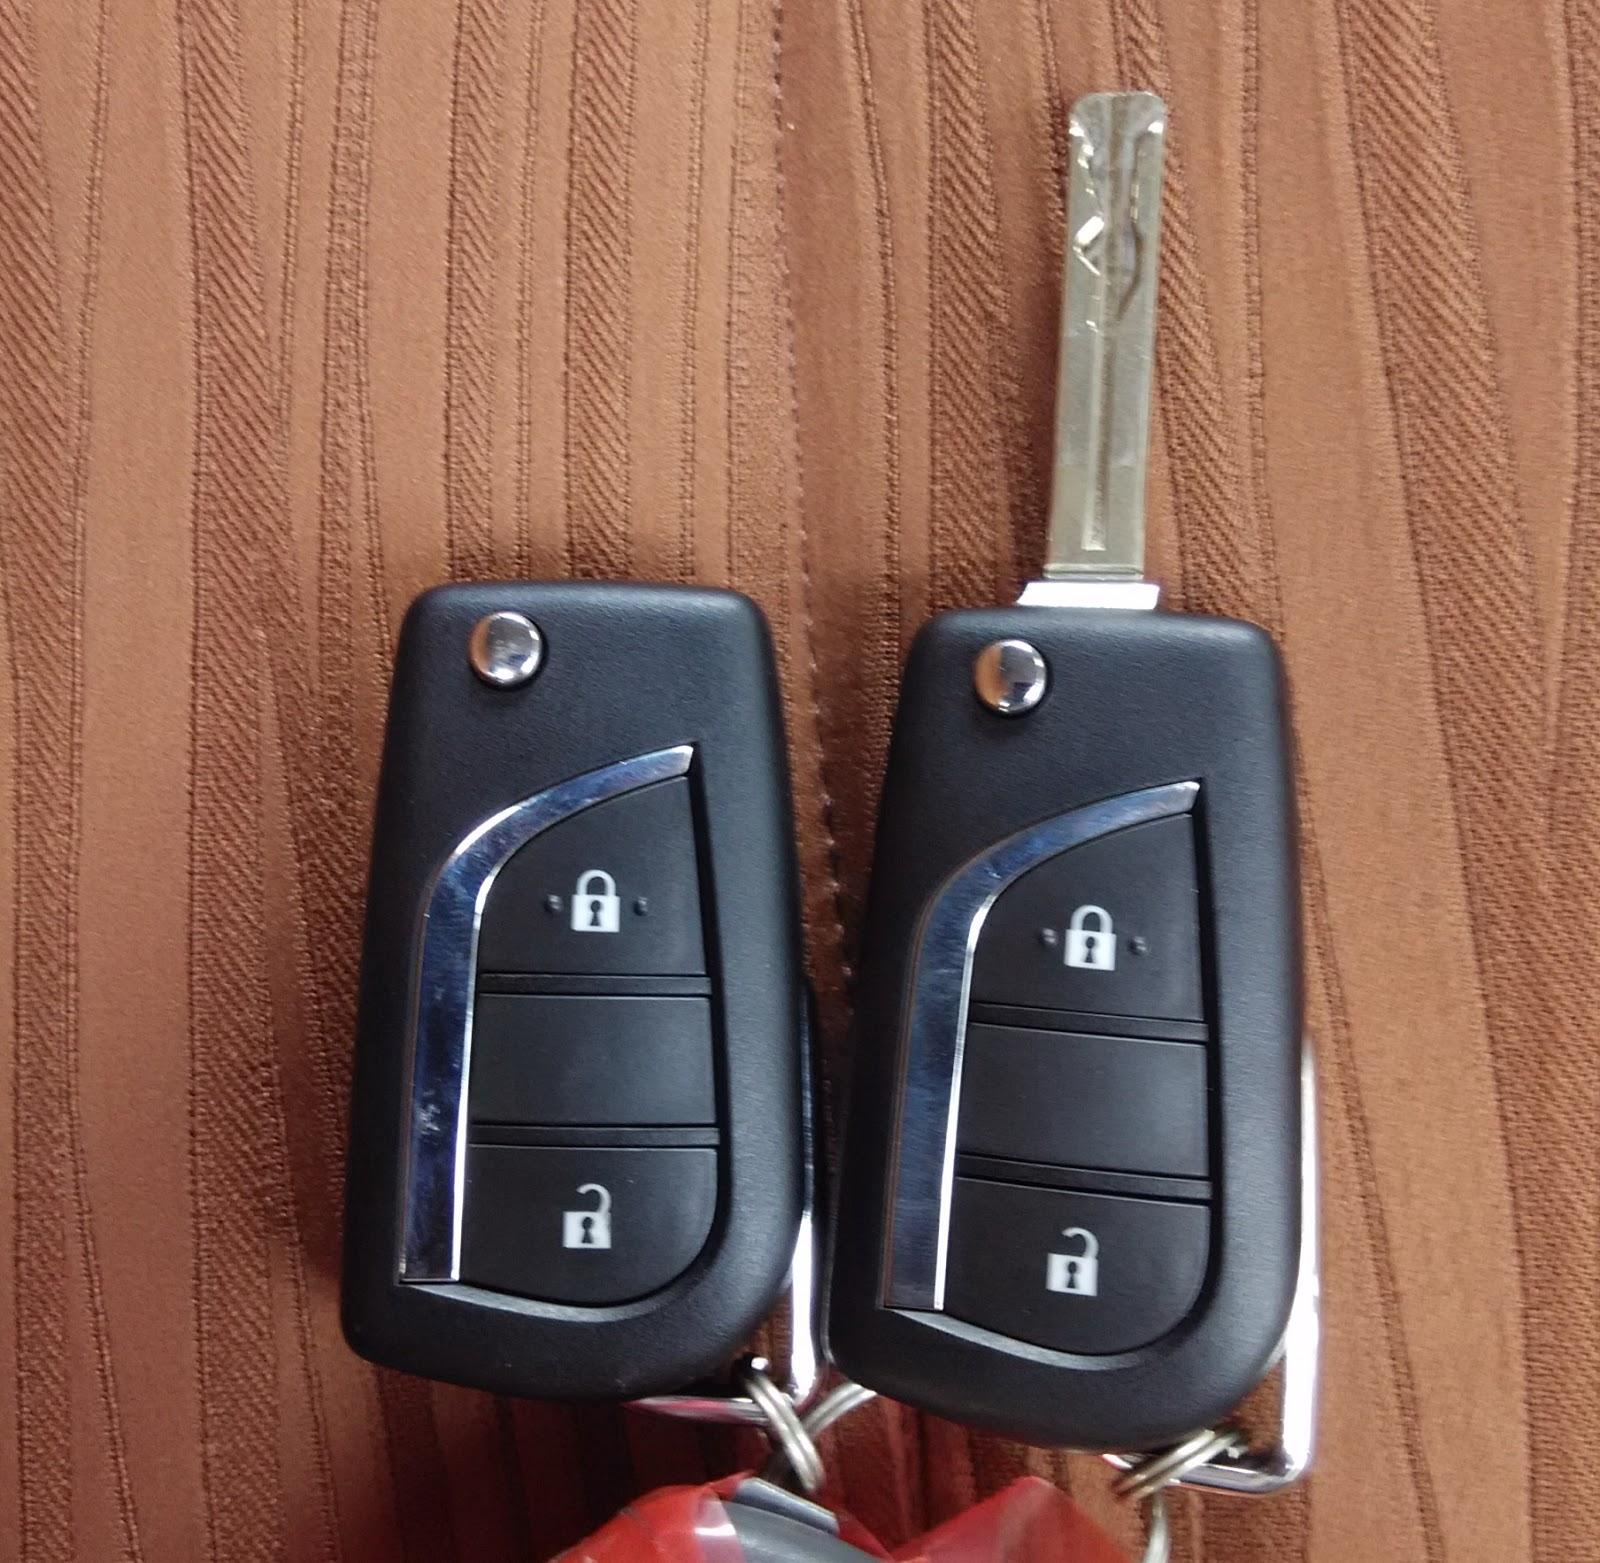 Meja Lipat All New Kijang Innova Toyota Yaris Trd Sportivo Pantip Melihat Interior Tipe V Dikta Informasi